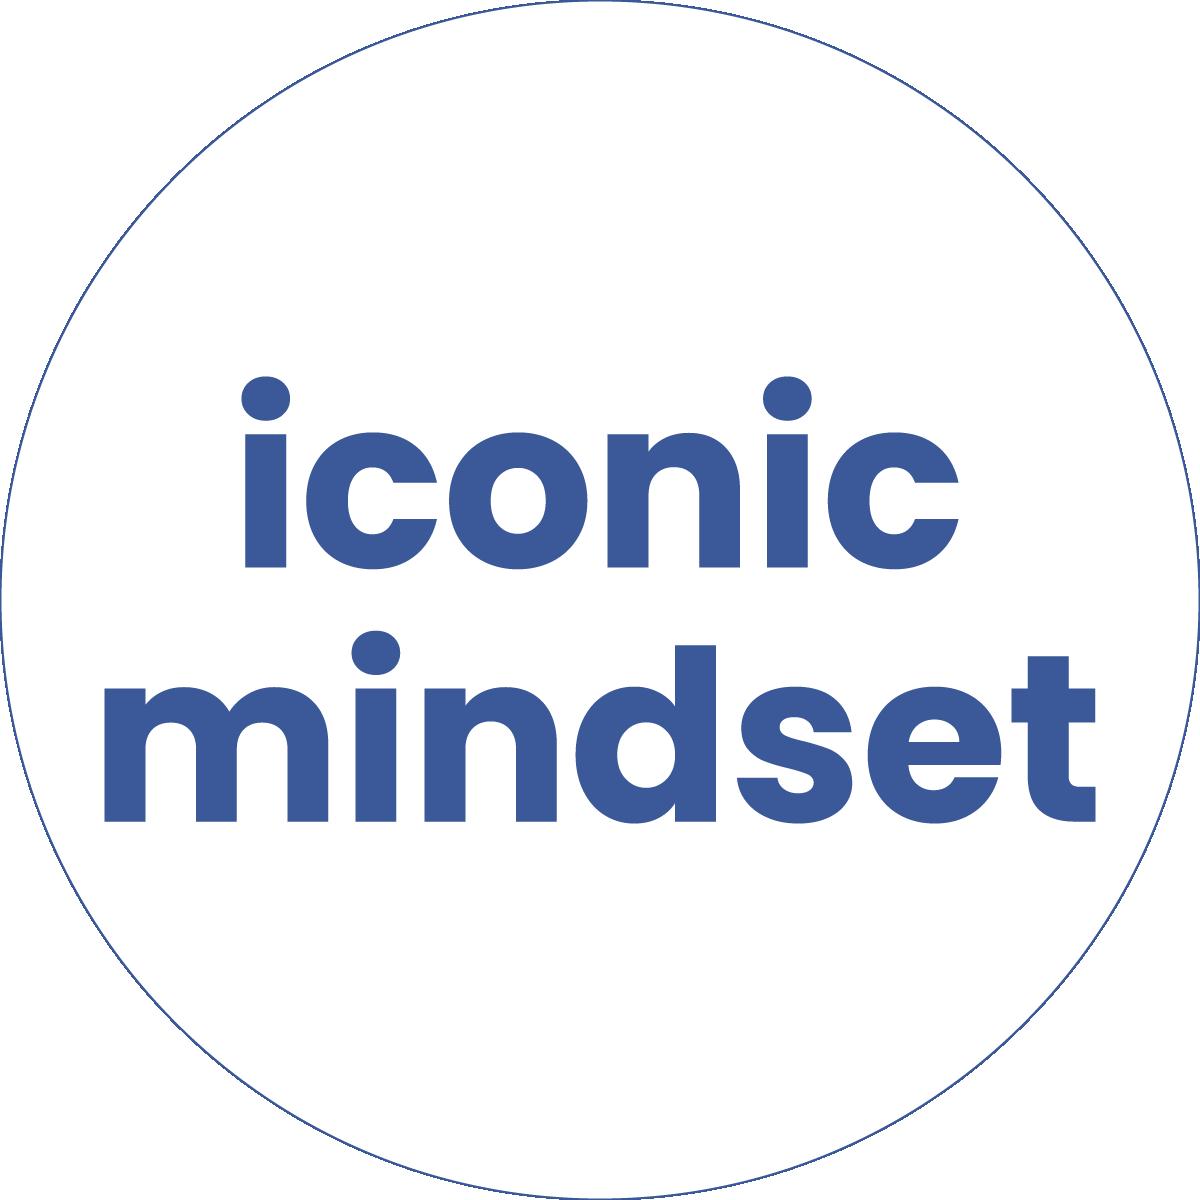 Iconic Mindset